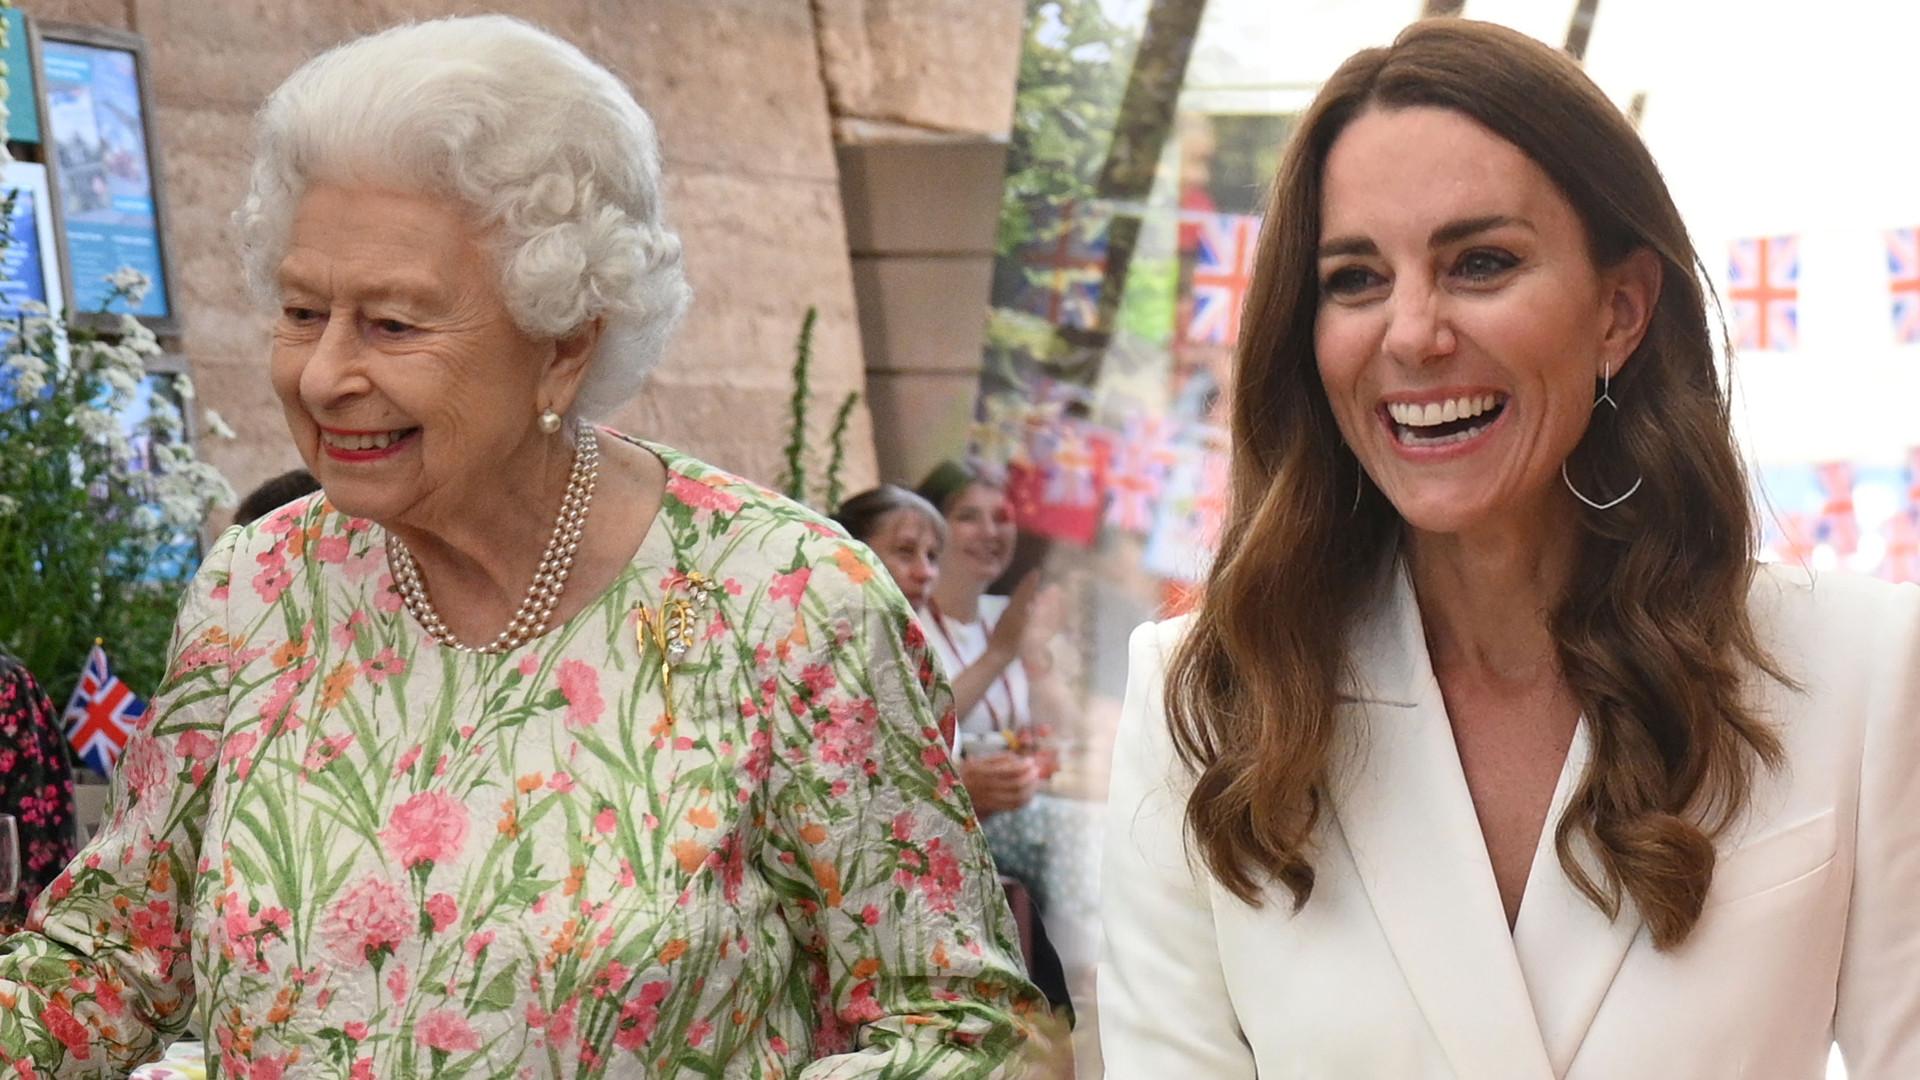 Przyjęcie u królowej Elżbiety dla przywódców G7. Księżna Kate w bieli, żona Borisa Johnsona zadała szyku (ZDJĘCIA)